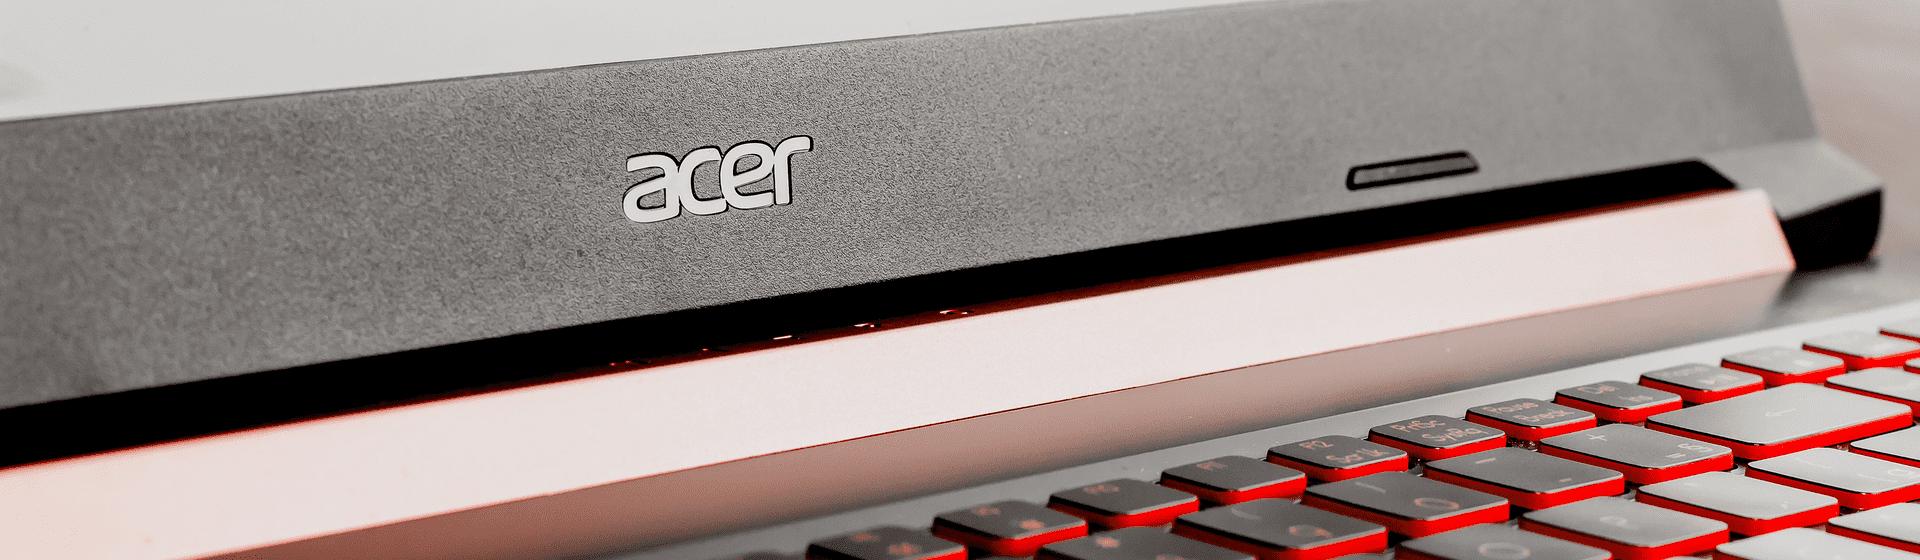 Melhor notebook Acer em 2020: veja 7 modelos para comprar